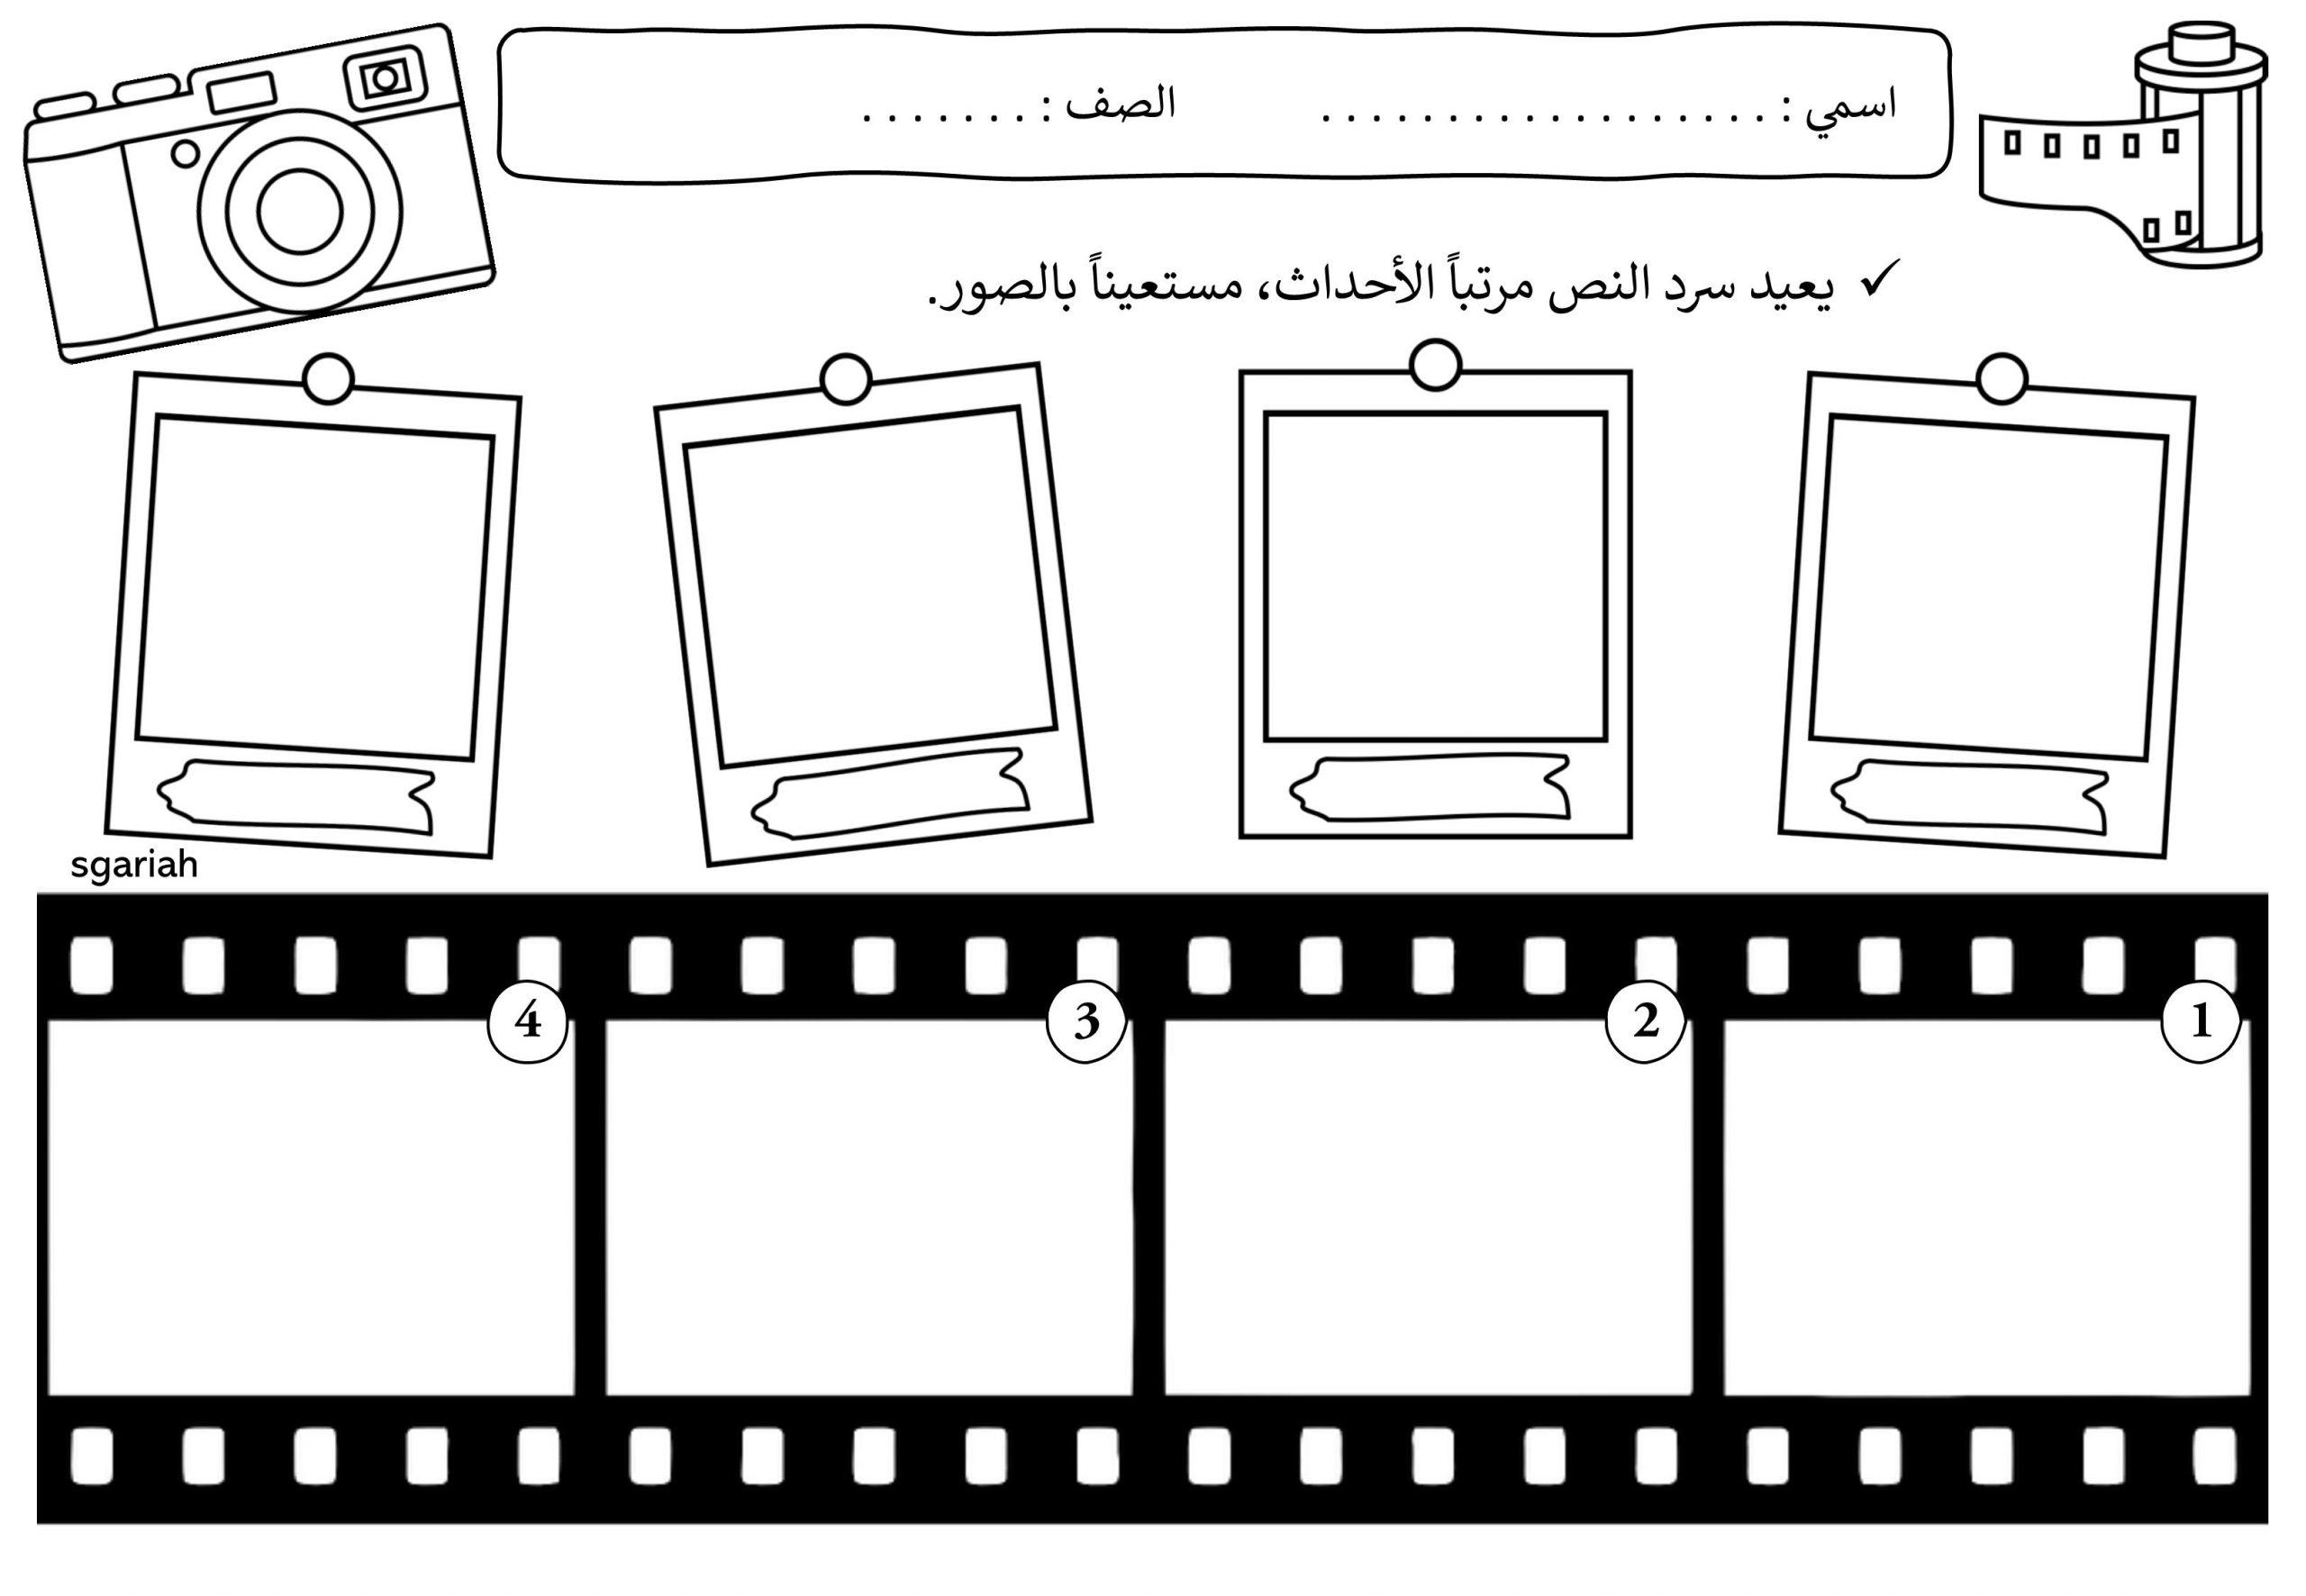 ورقة عمل كتابة سرد النص مرتبا للصف الثاني مادة اللغة العربية